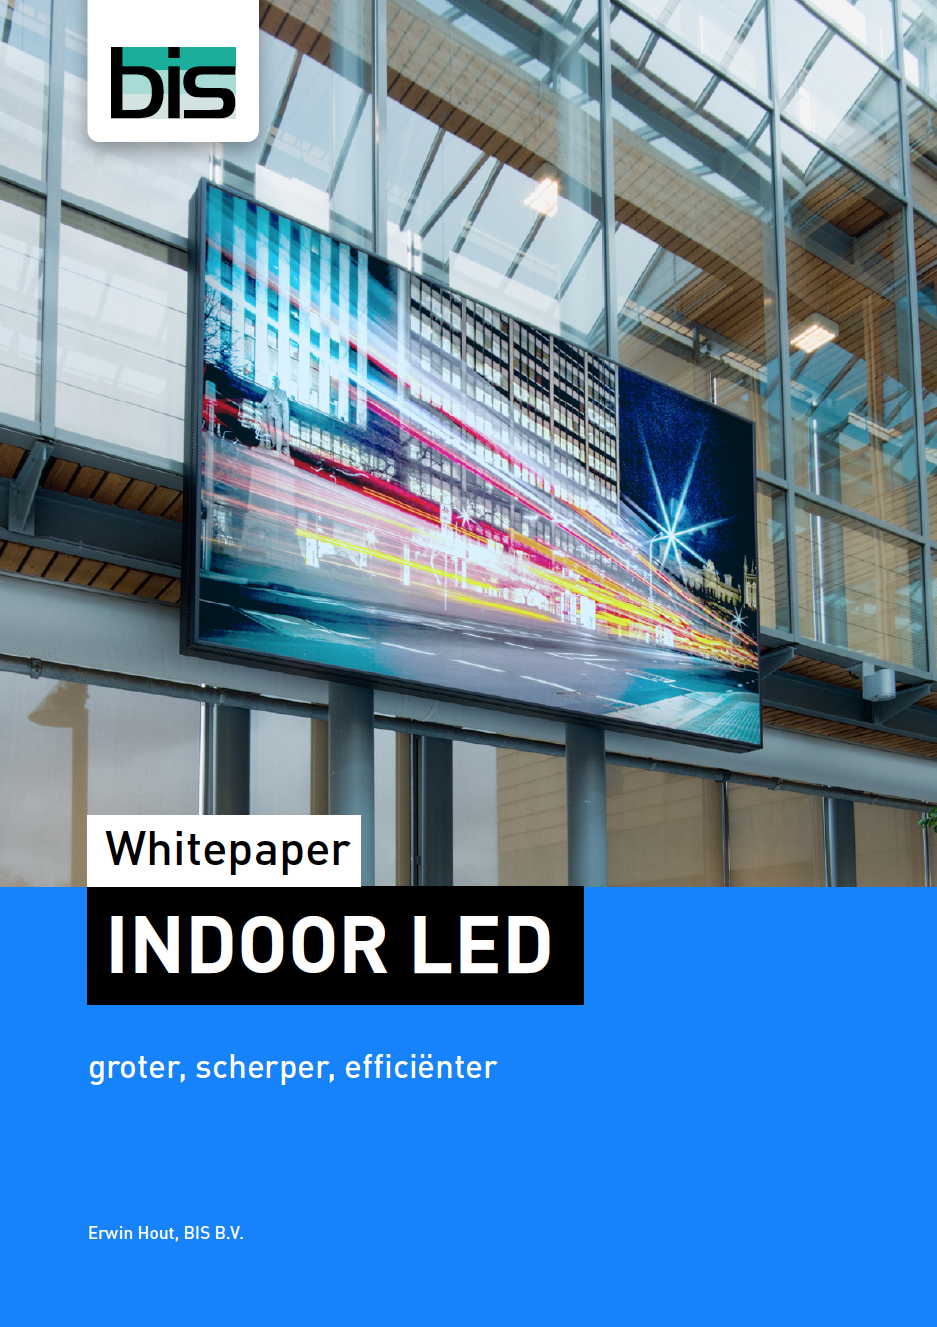 Indoor LED Whitepaper Front.png